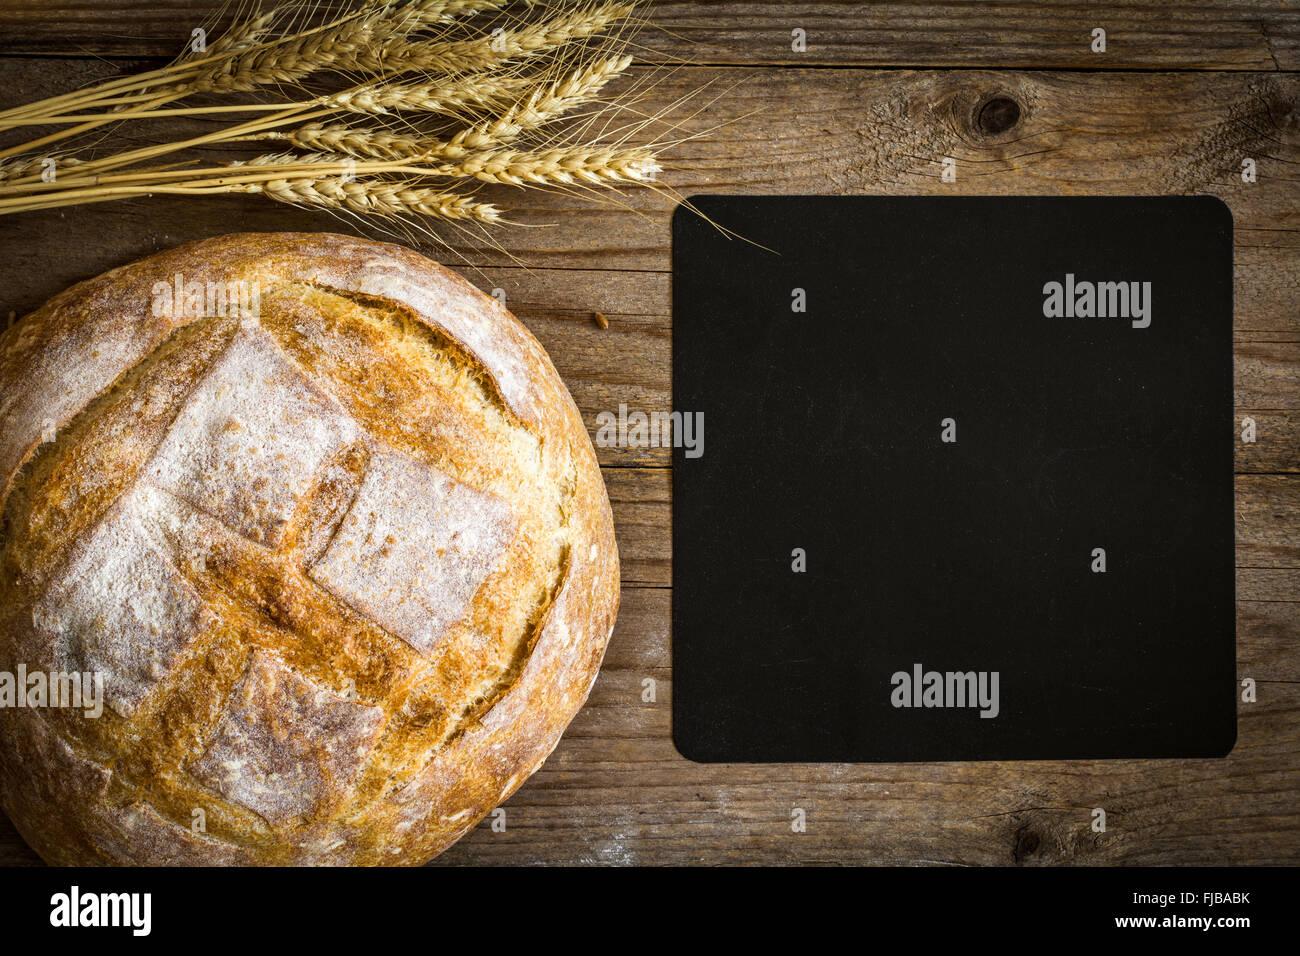 Tableau, miche de pain et les épis de blé sur fond de bois, overhead view Photo Stock